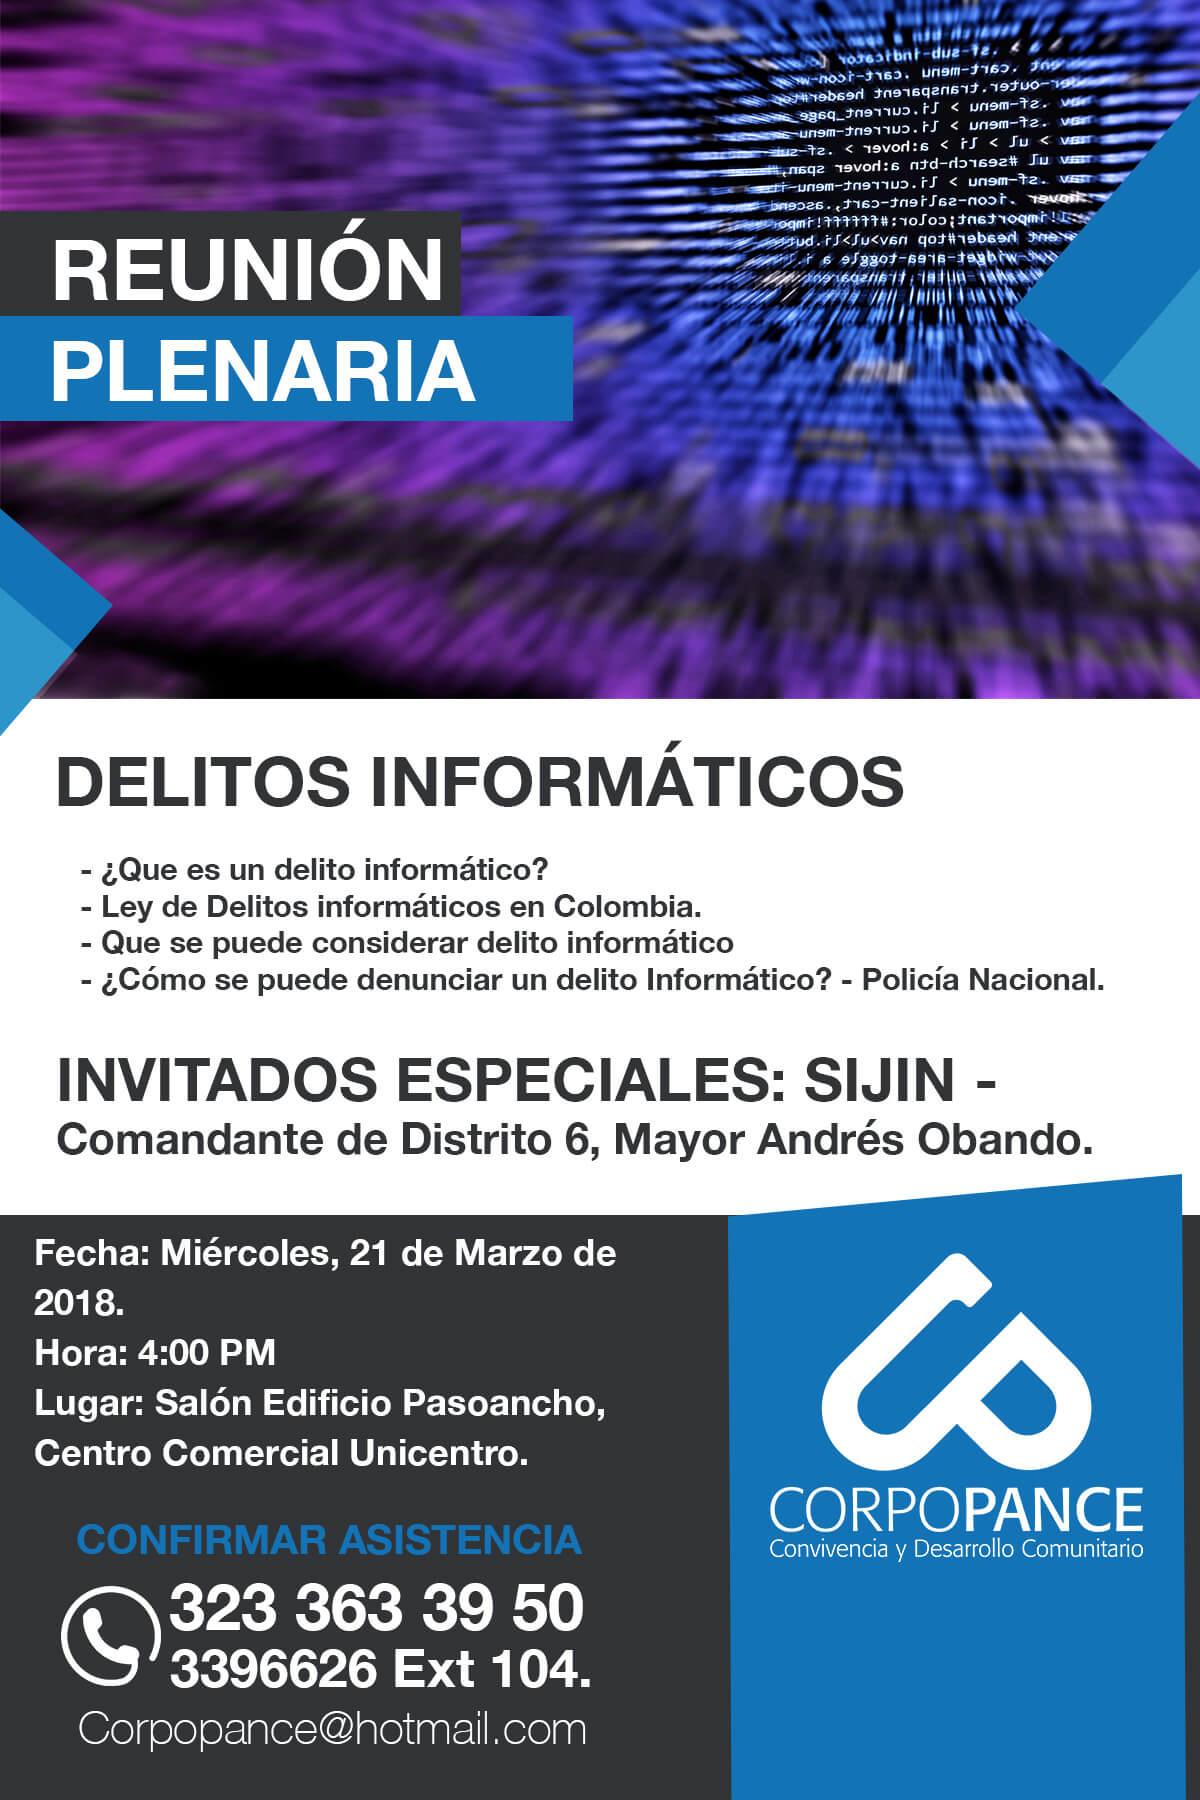 Reunión Plenaria: Delitos Informaticos que son y como prevenirlos